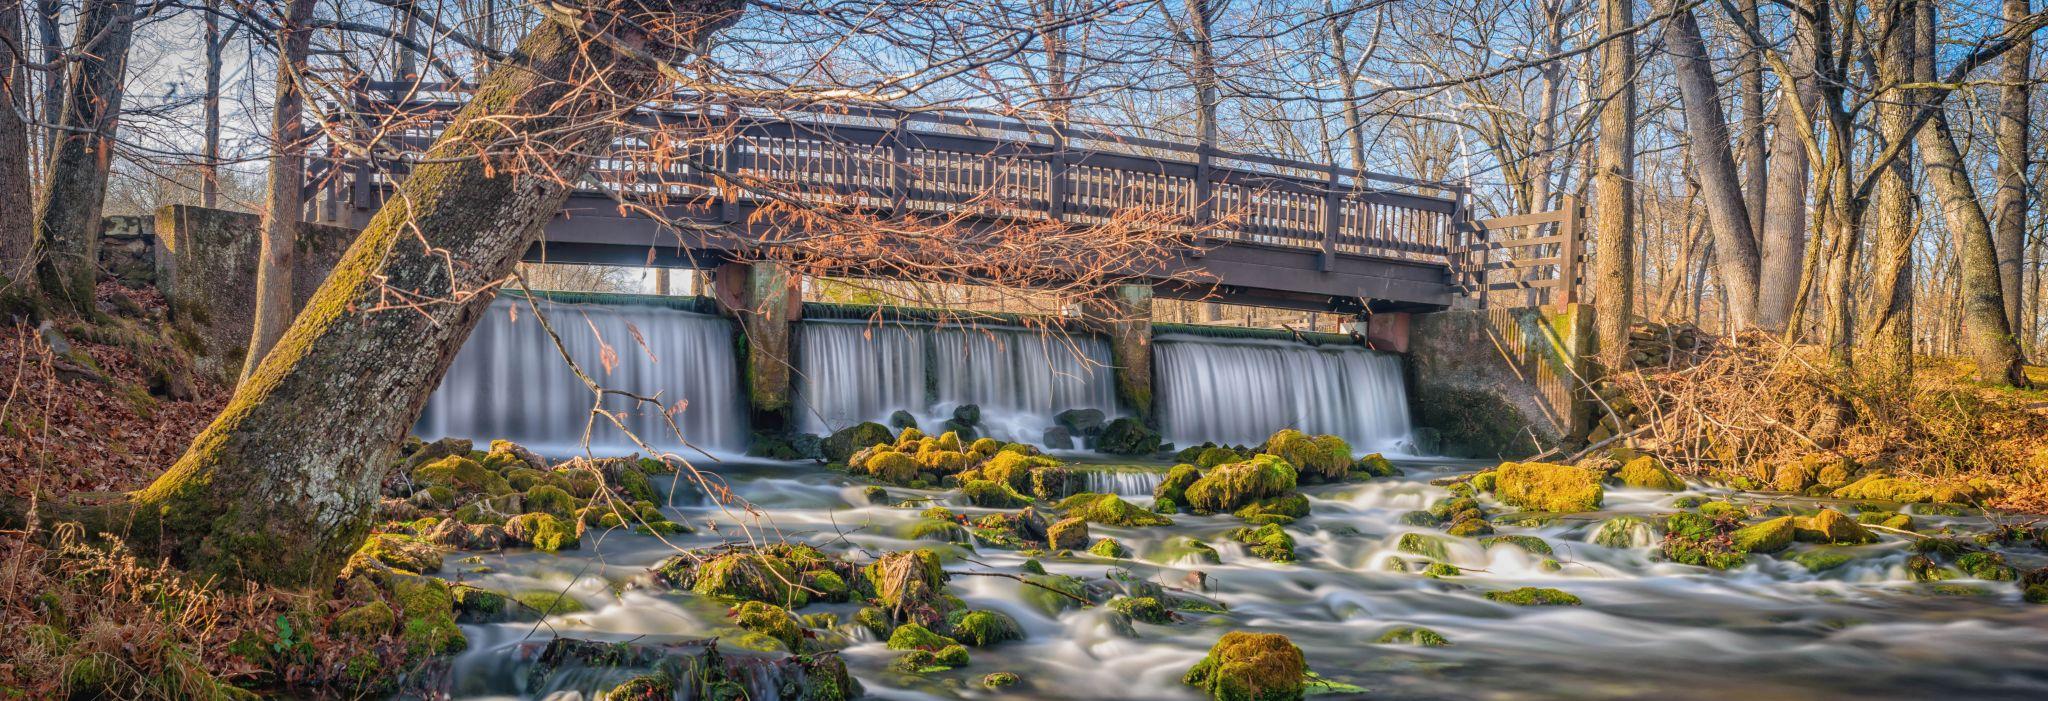 Maramec Springs, USA